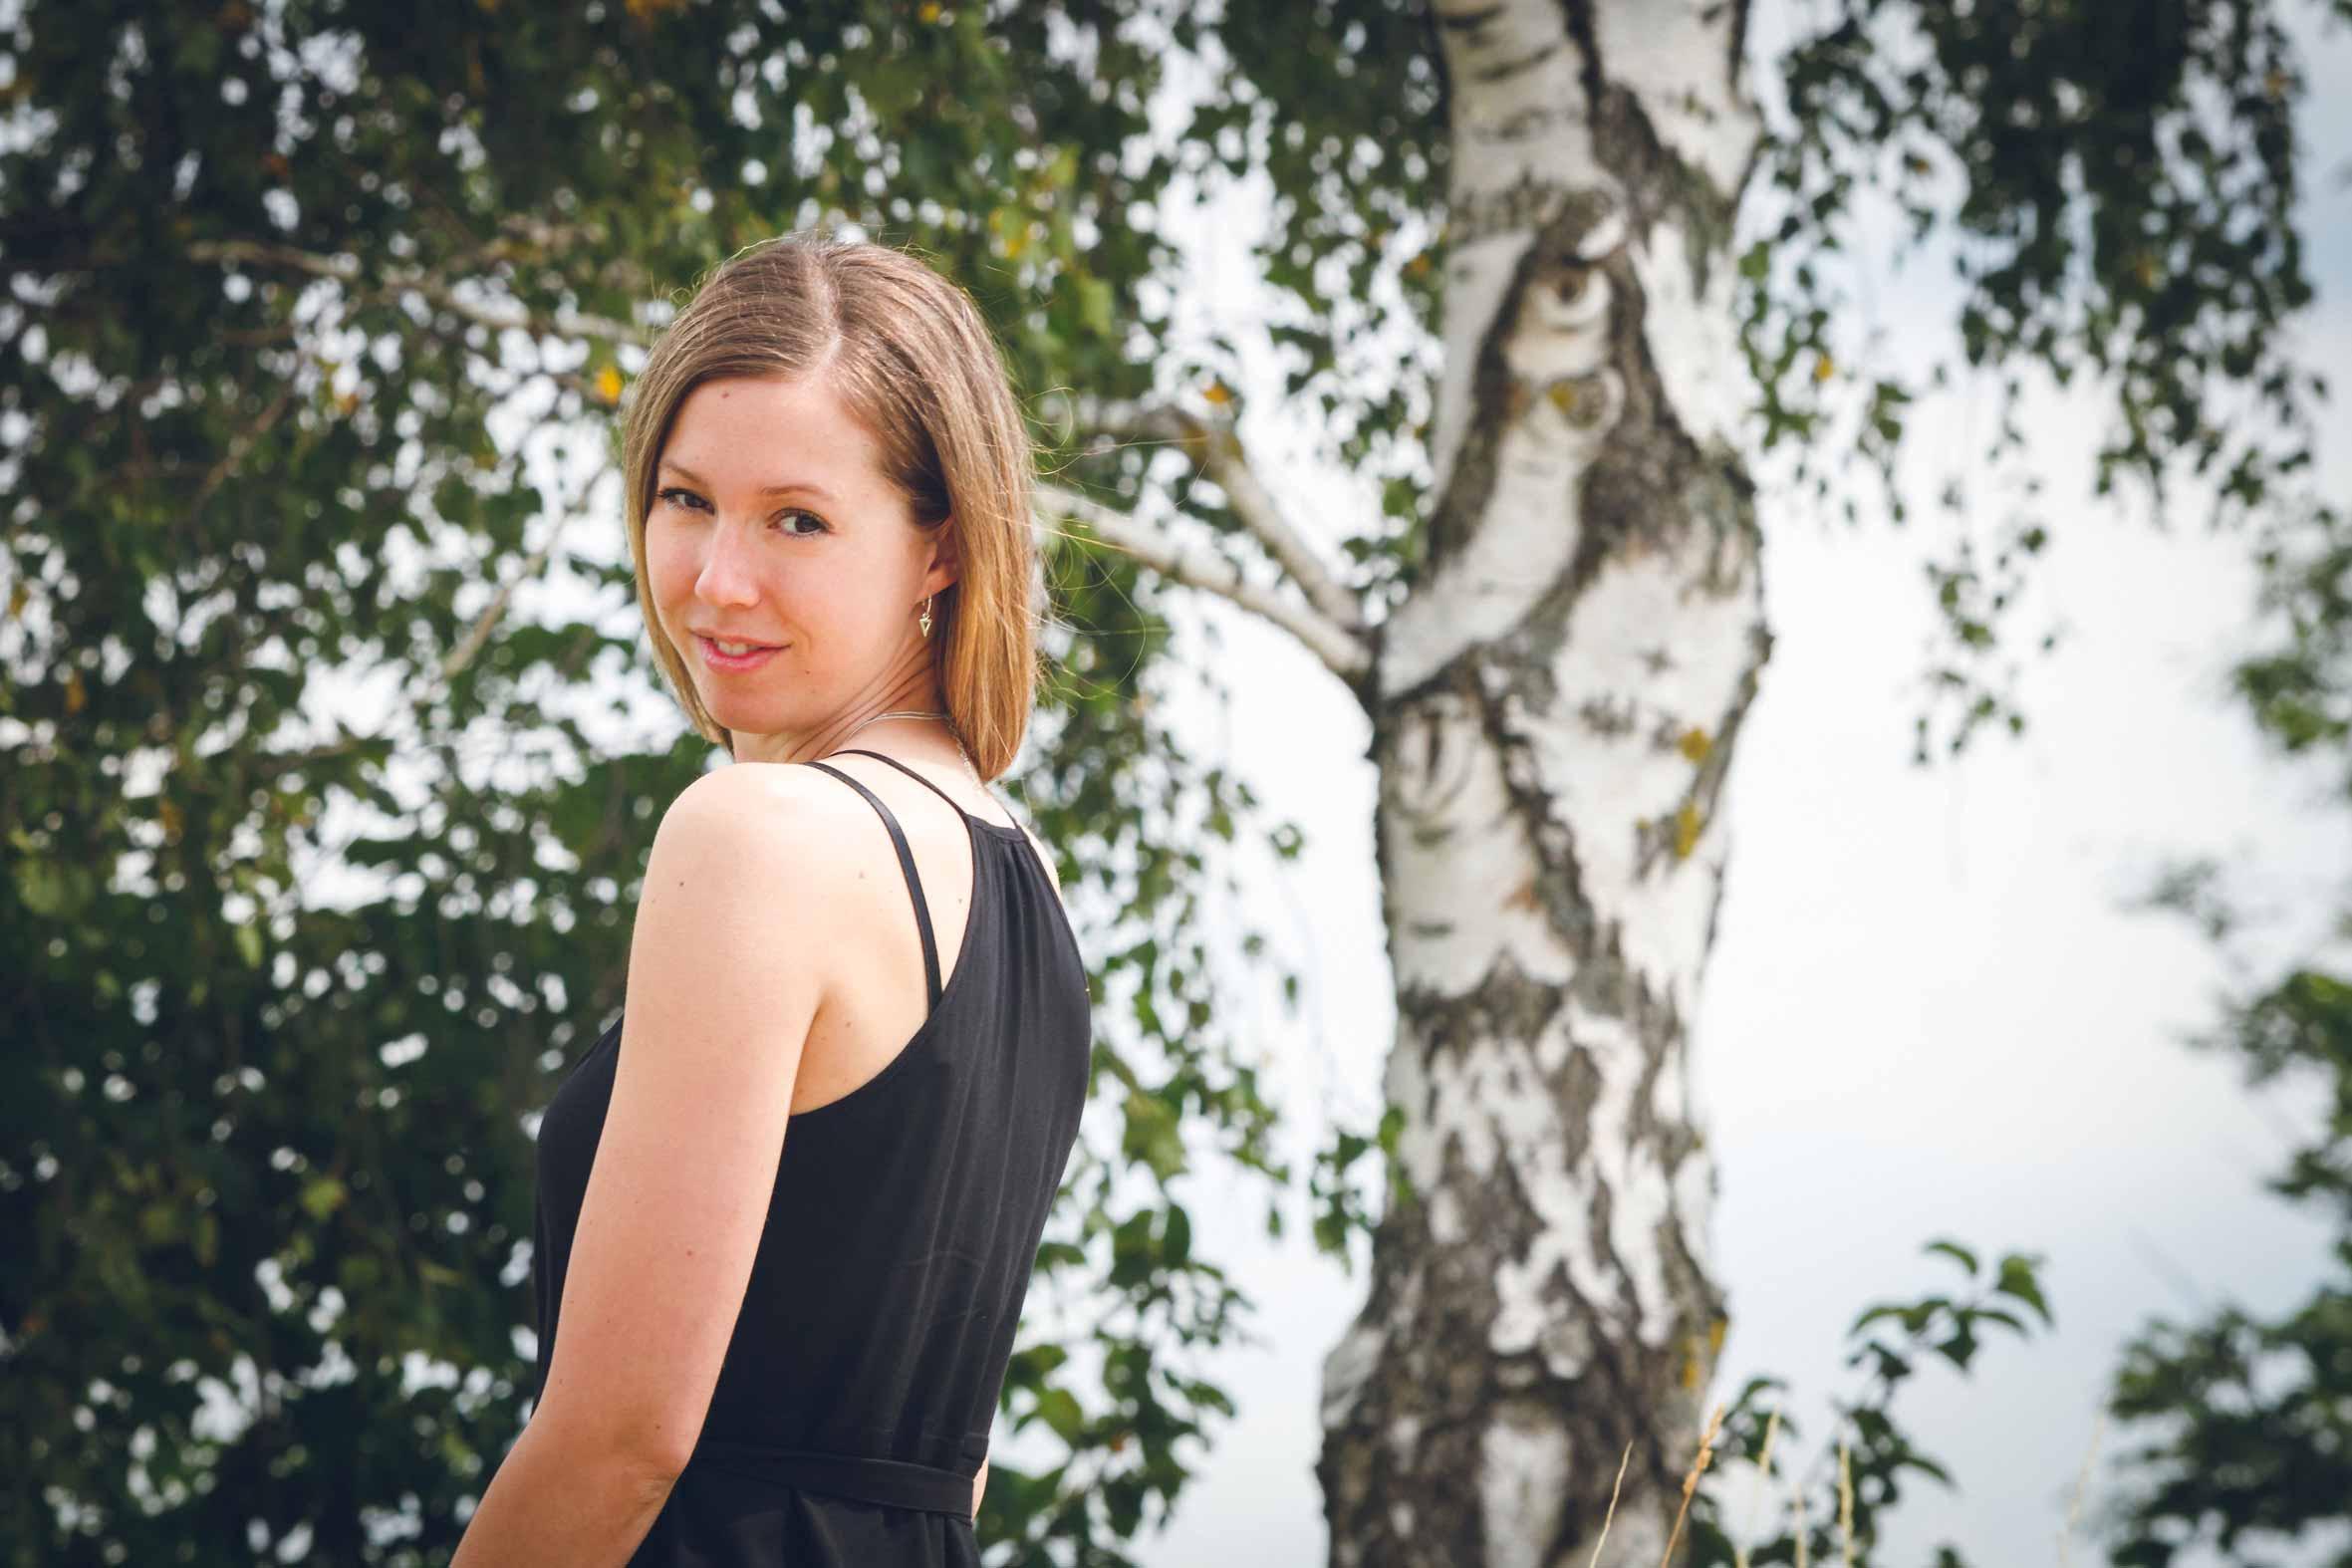 Malerische Portraits im Spätsommer am Drachensee IMG 9325w